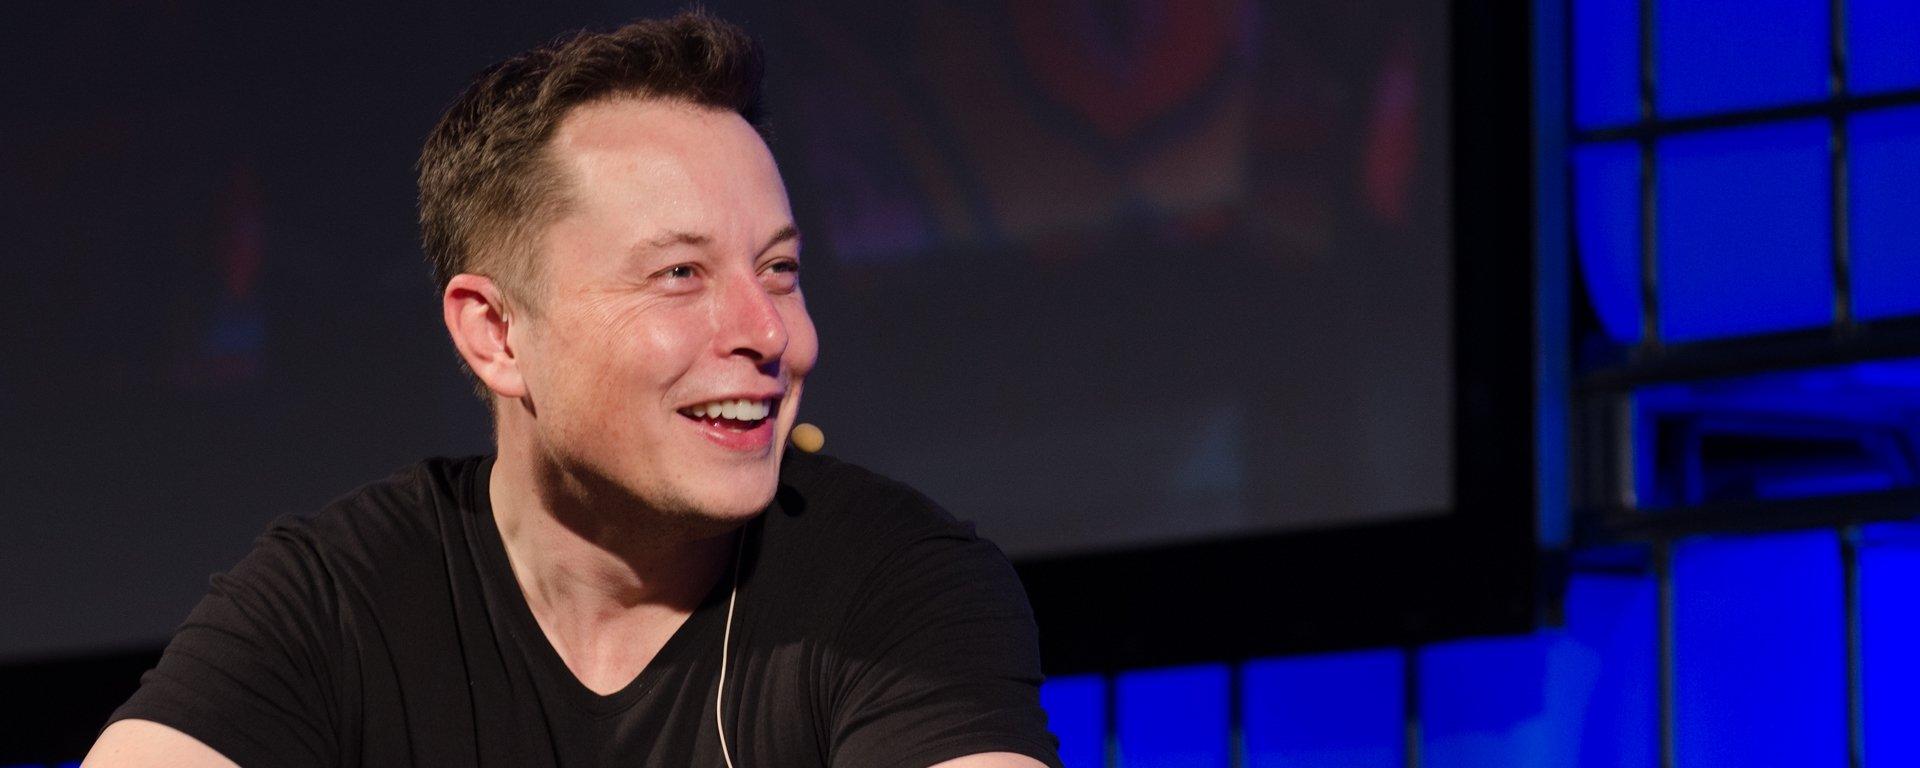 Elon Musk diz que há '70% de chances' de ele se mudar para Marte